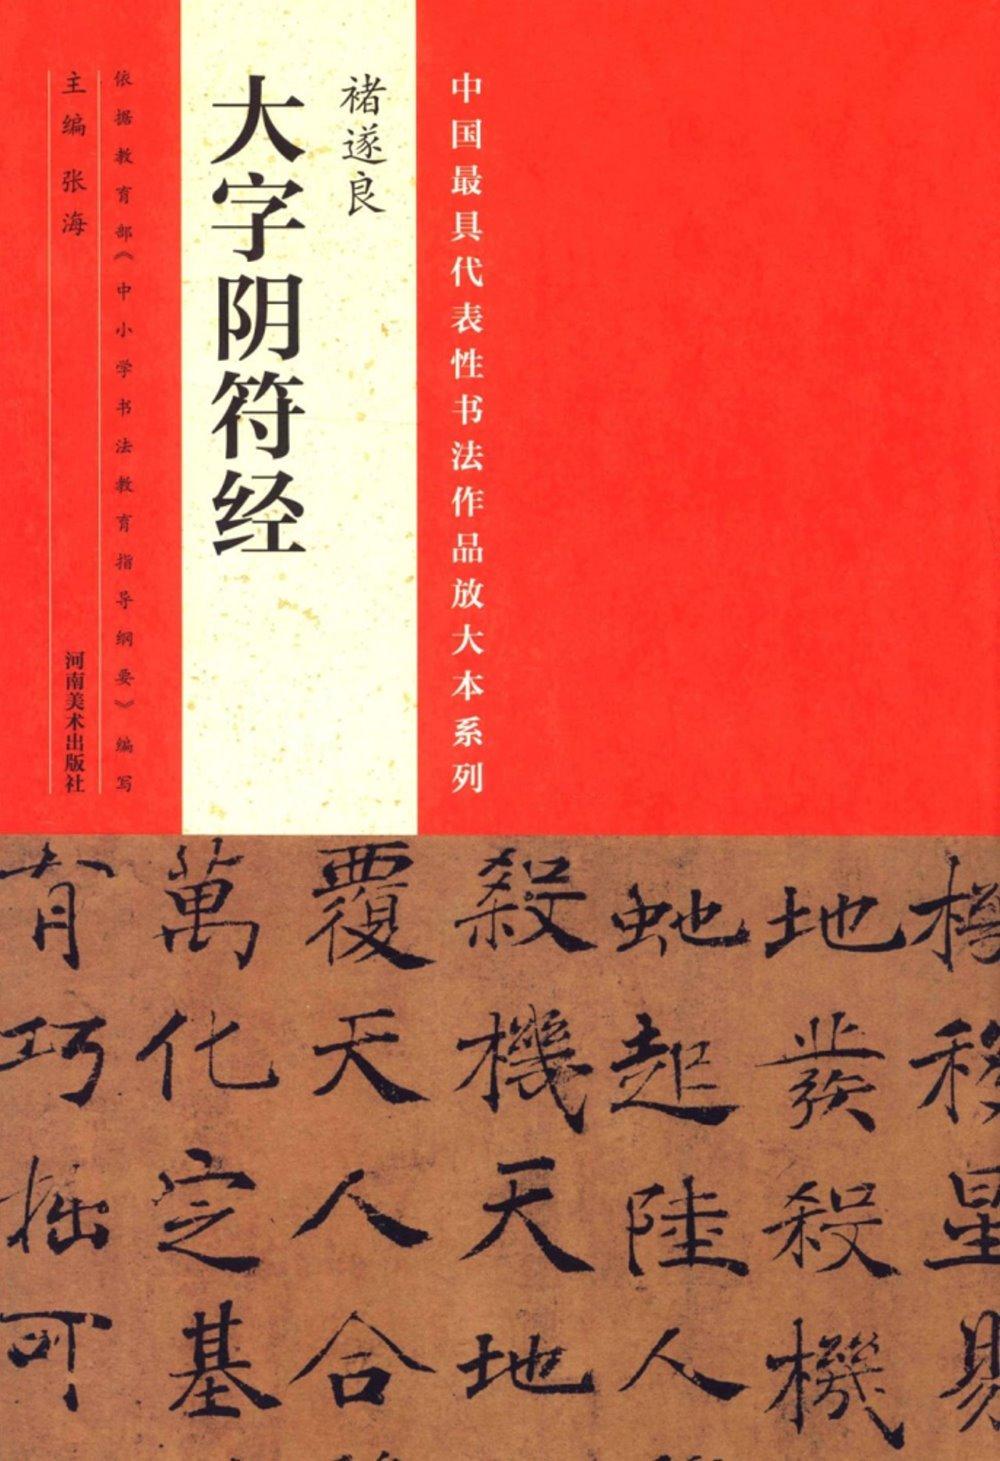 中國最具代表性書法作品放大本系列:褚遂良《大字陰符經》